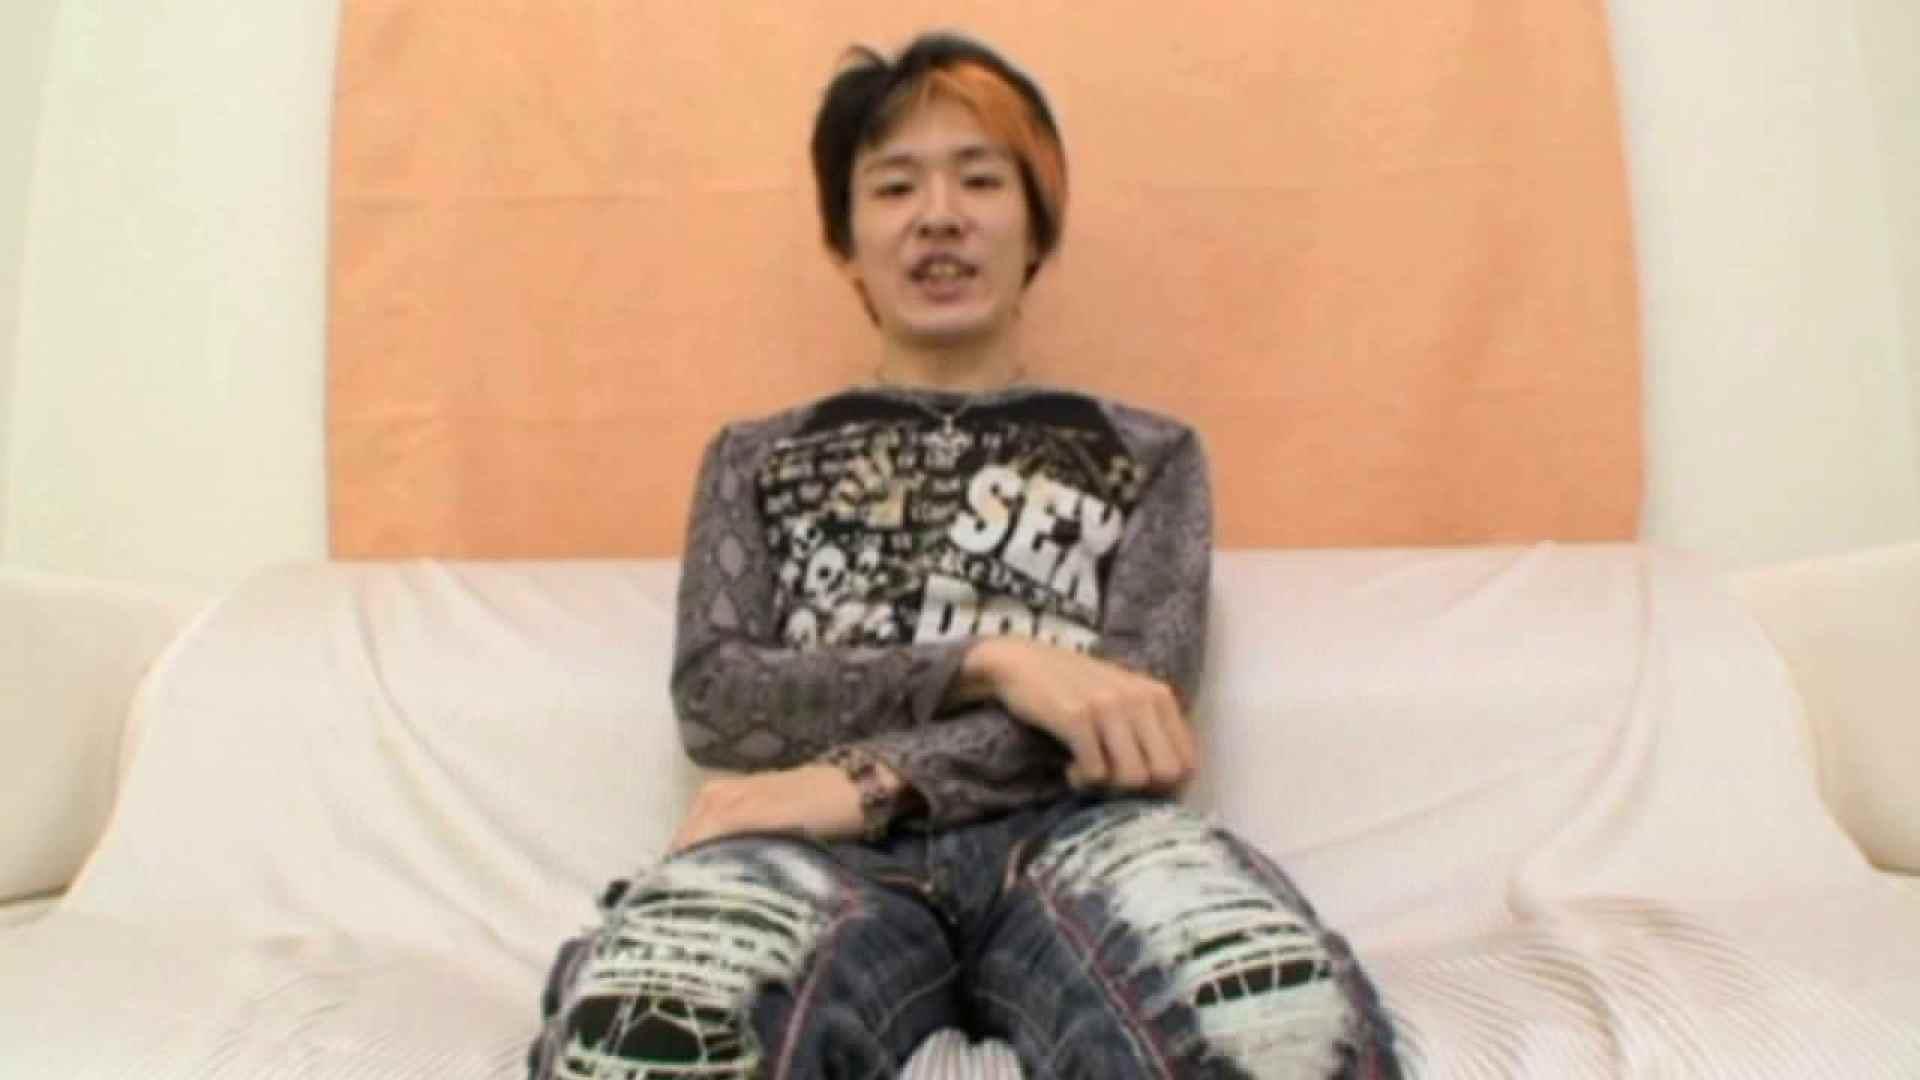 ノンケ!自慰スタジオ No.12 アナル挿入 男同士画像 102pic 82